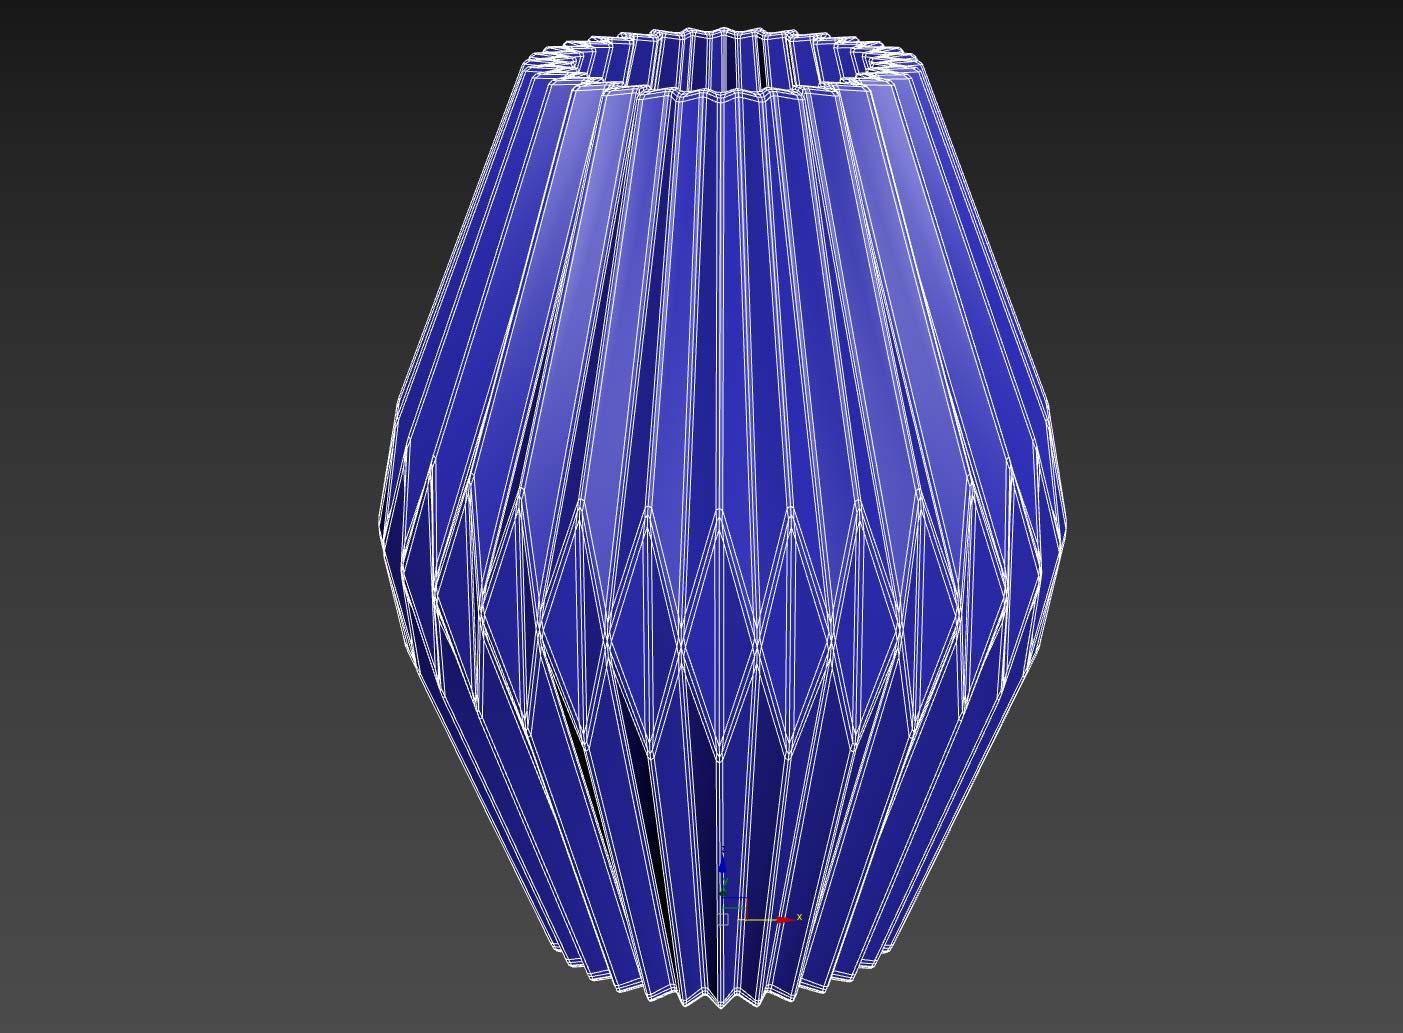 Vase_002.jpg